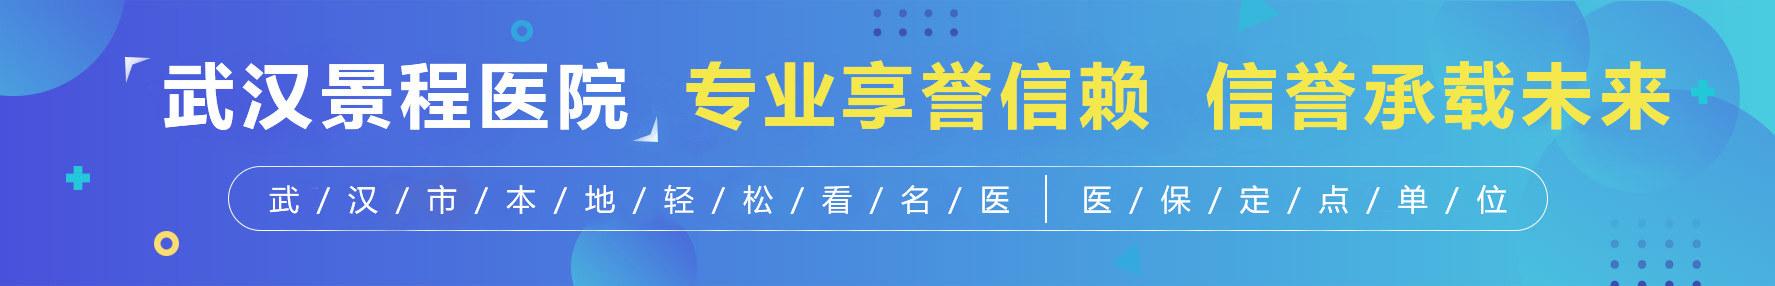 武汉景程医院预约挂号平台